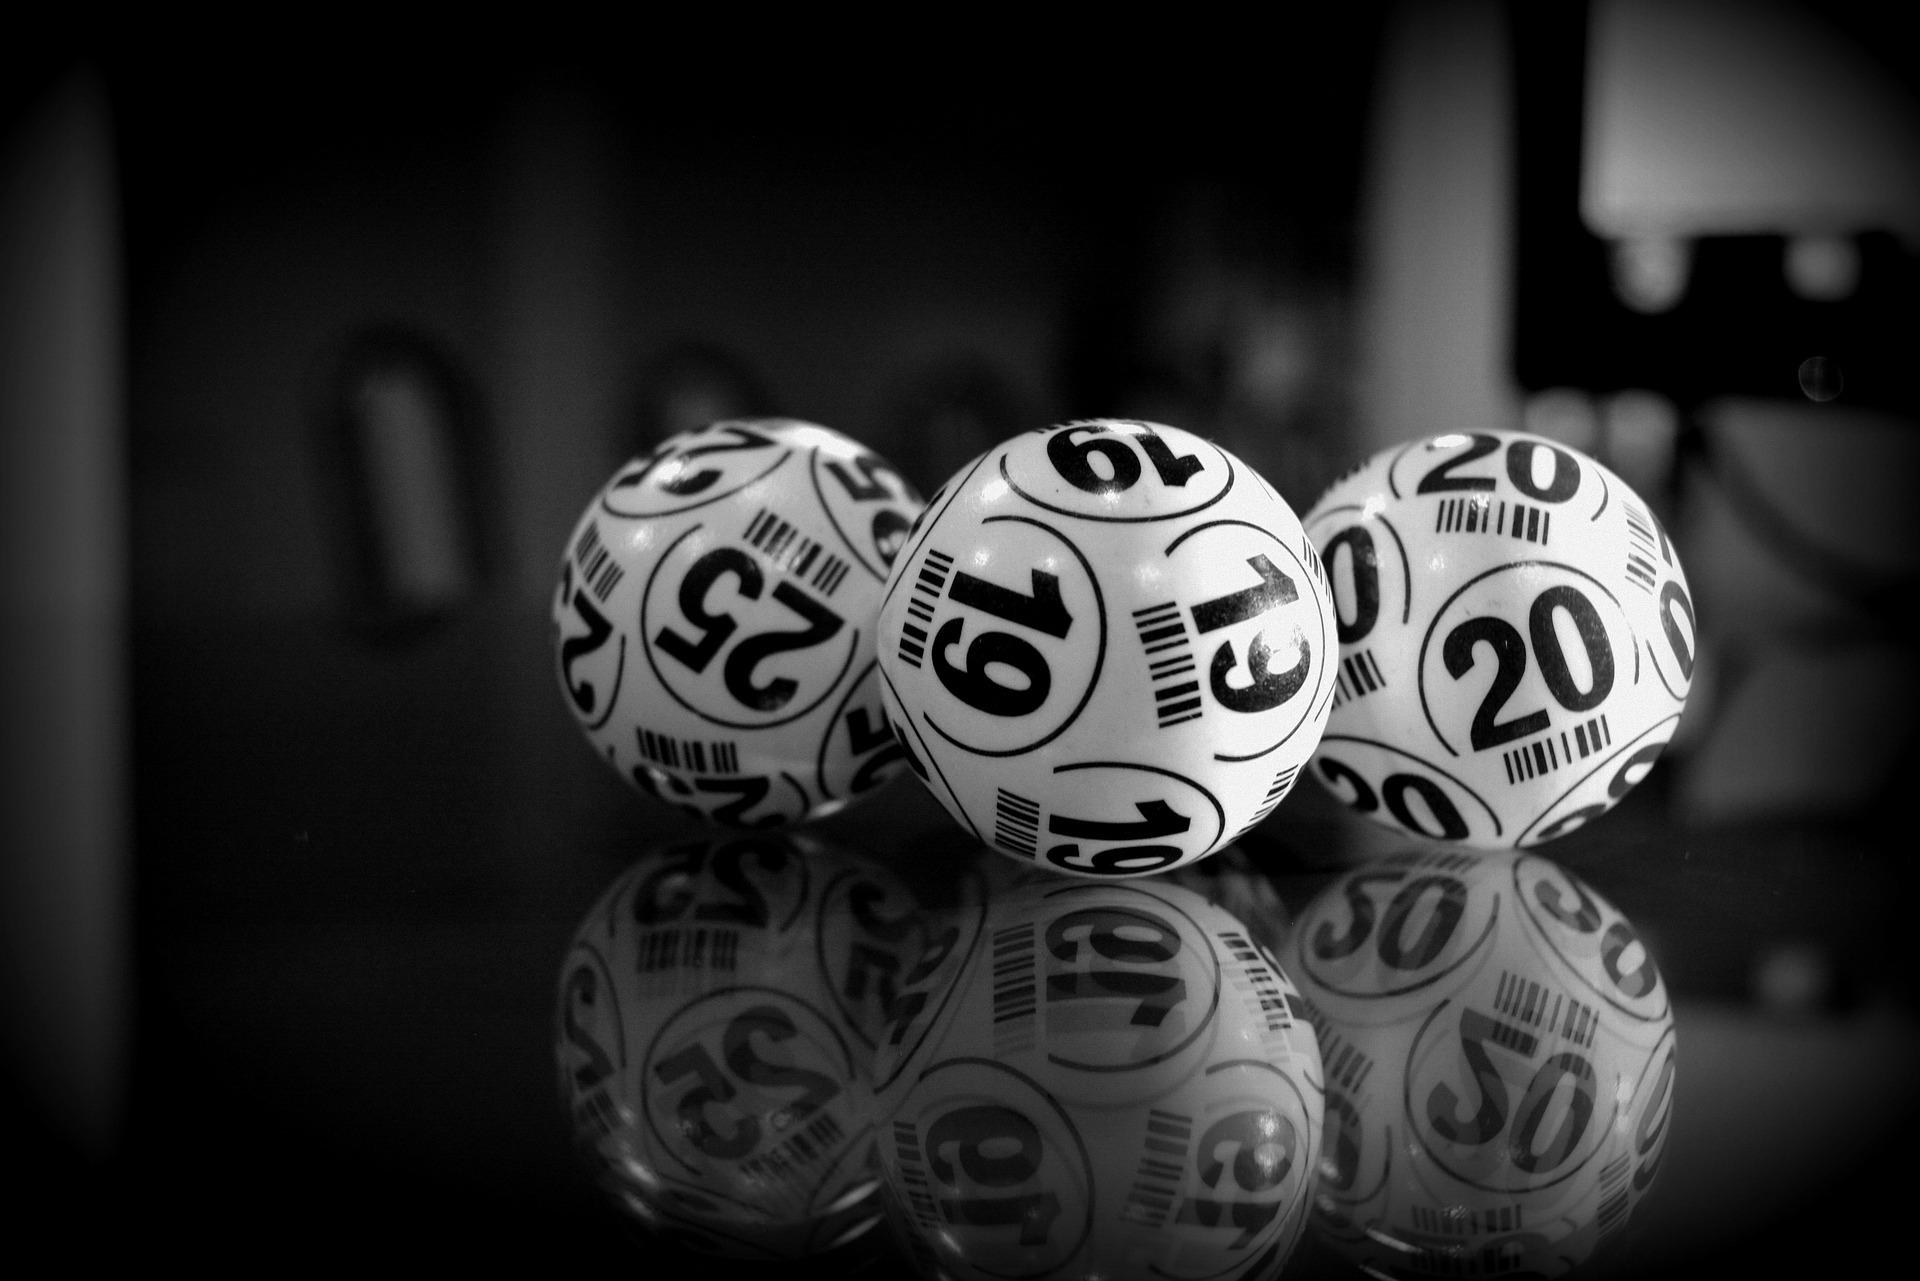 bingo-4466817_1920.jpg